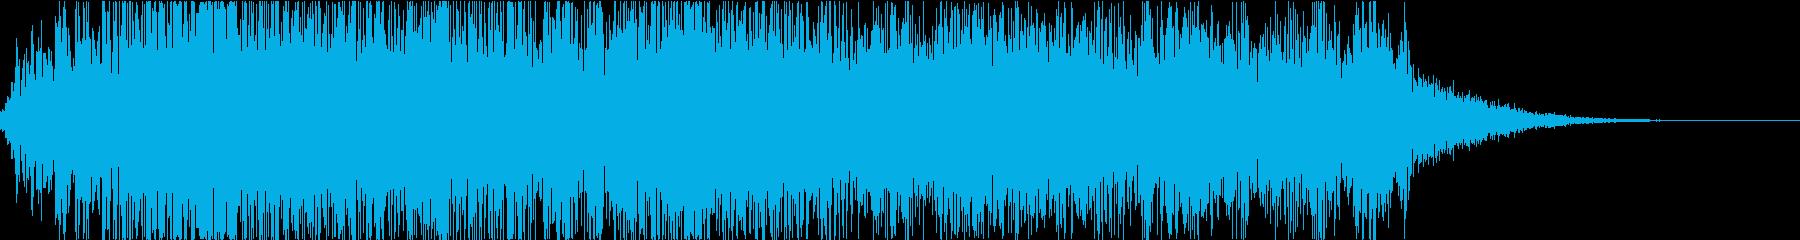 怪物・モンスターの鳴き声・ゲーム・映画eの再生済みの波形